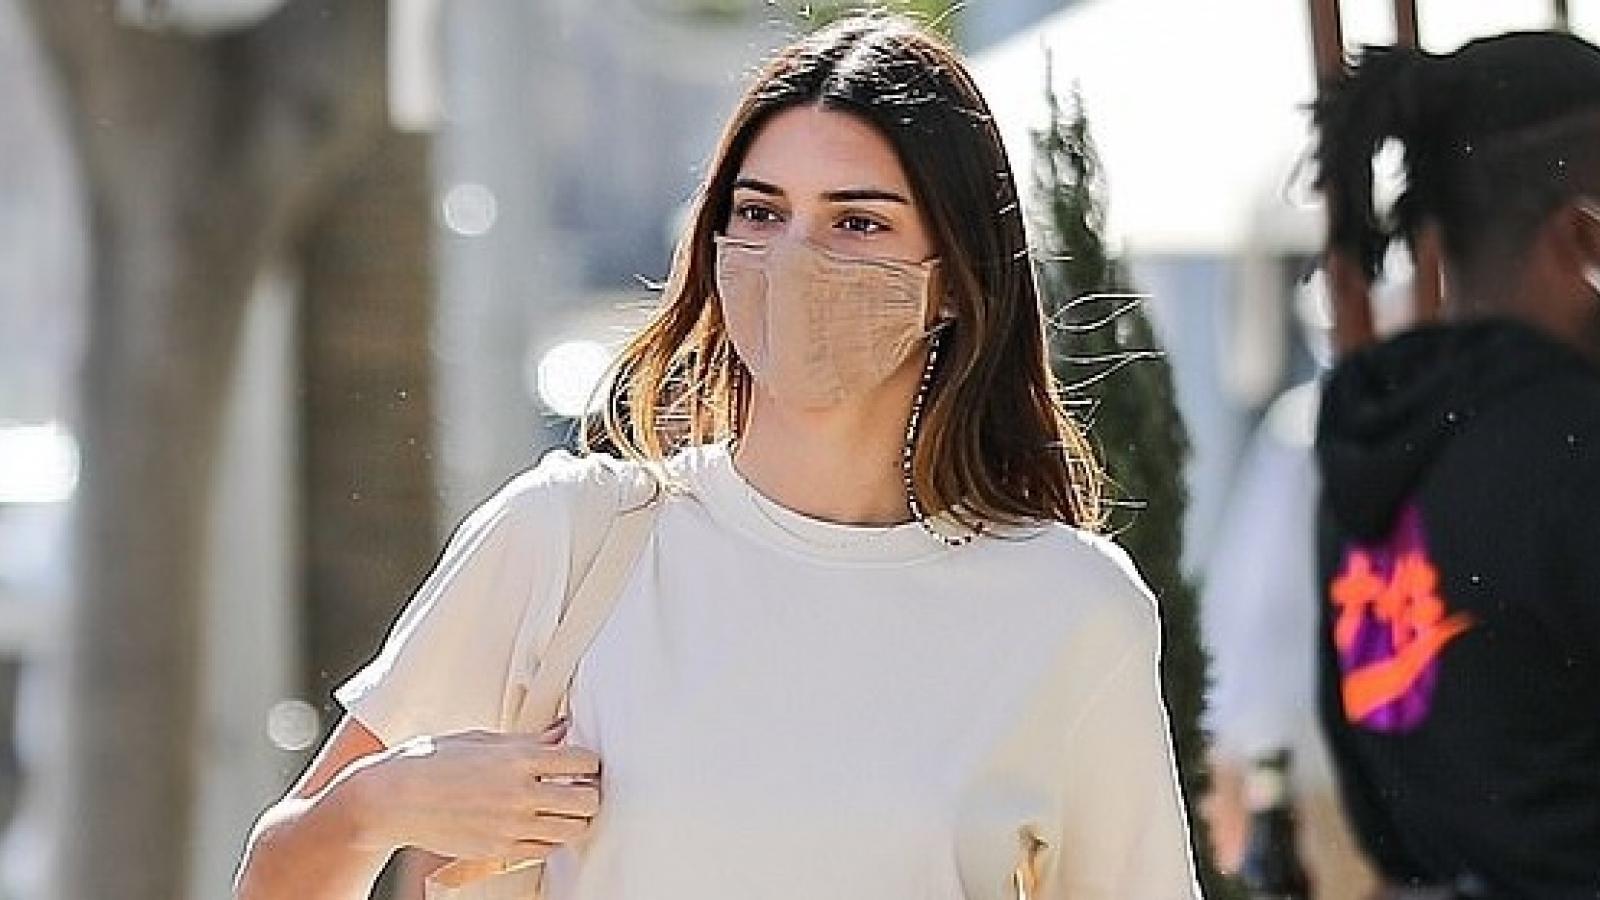 Kendall Jenner xinh đẹp đi chơi cùng bạn bè sau tin đồn chia tay